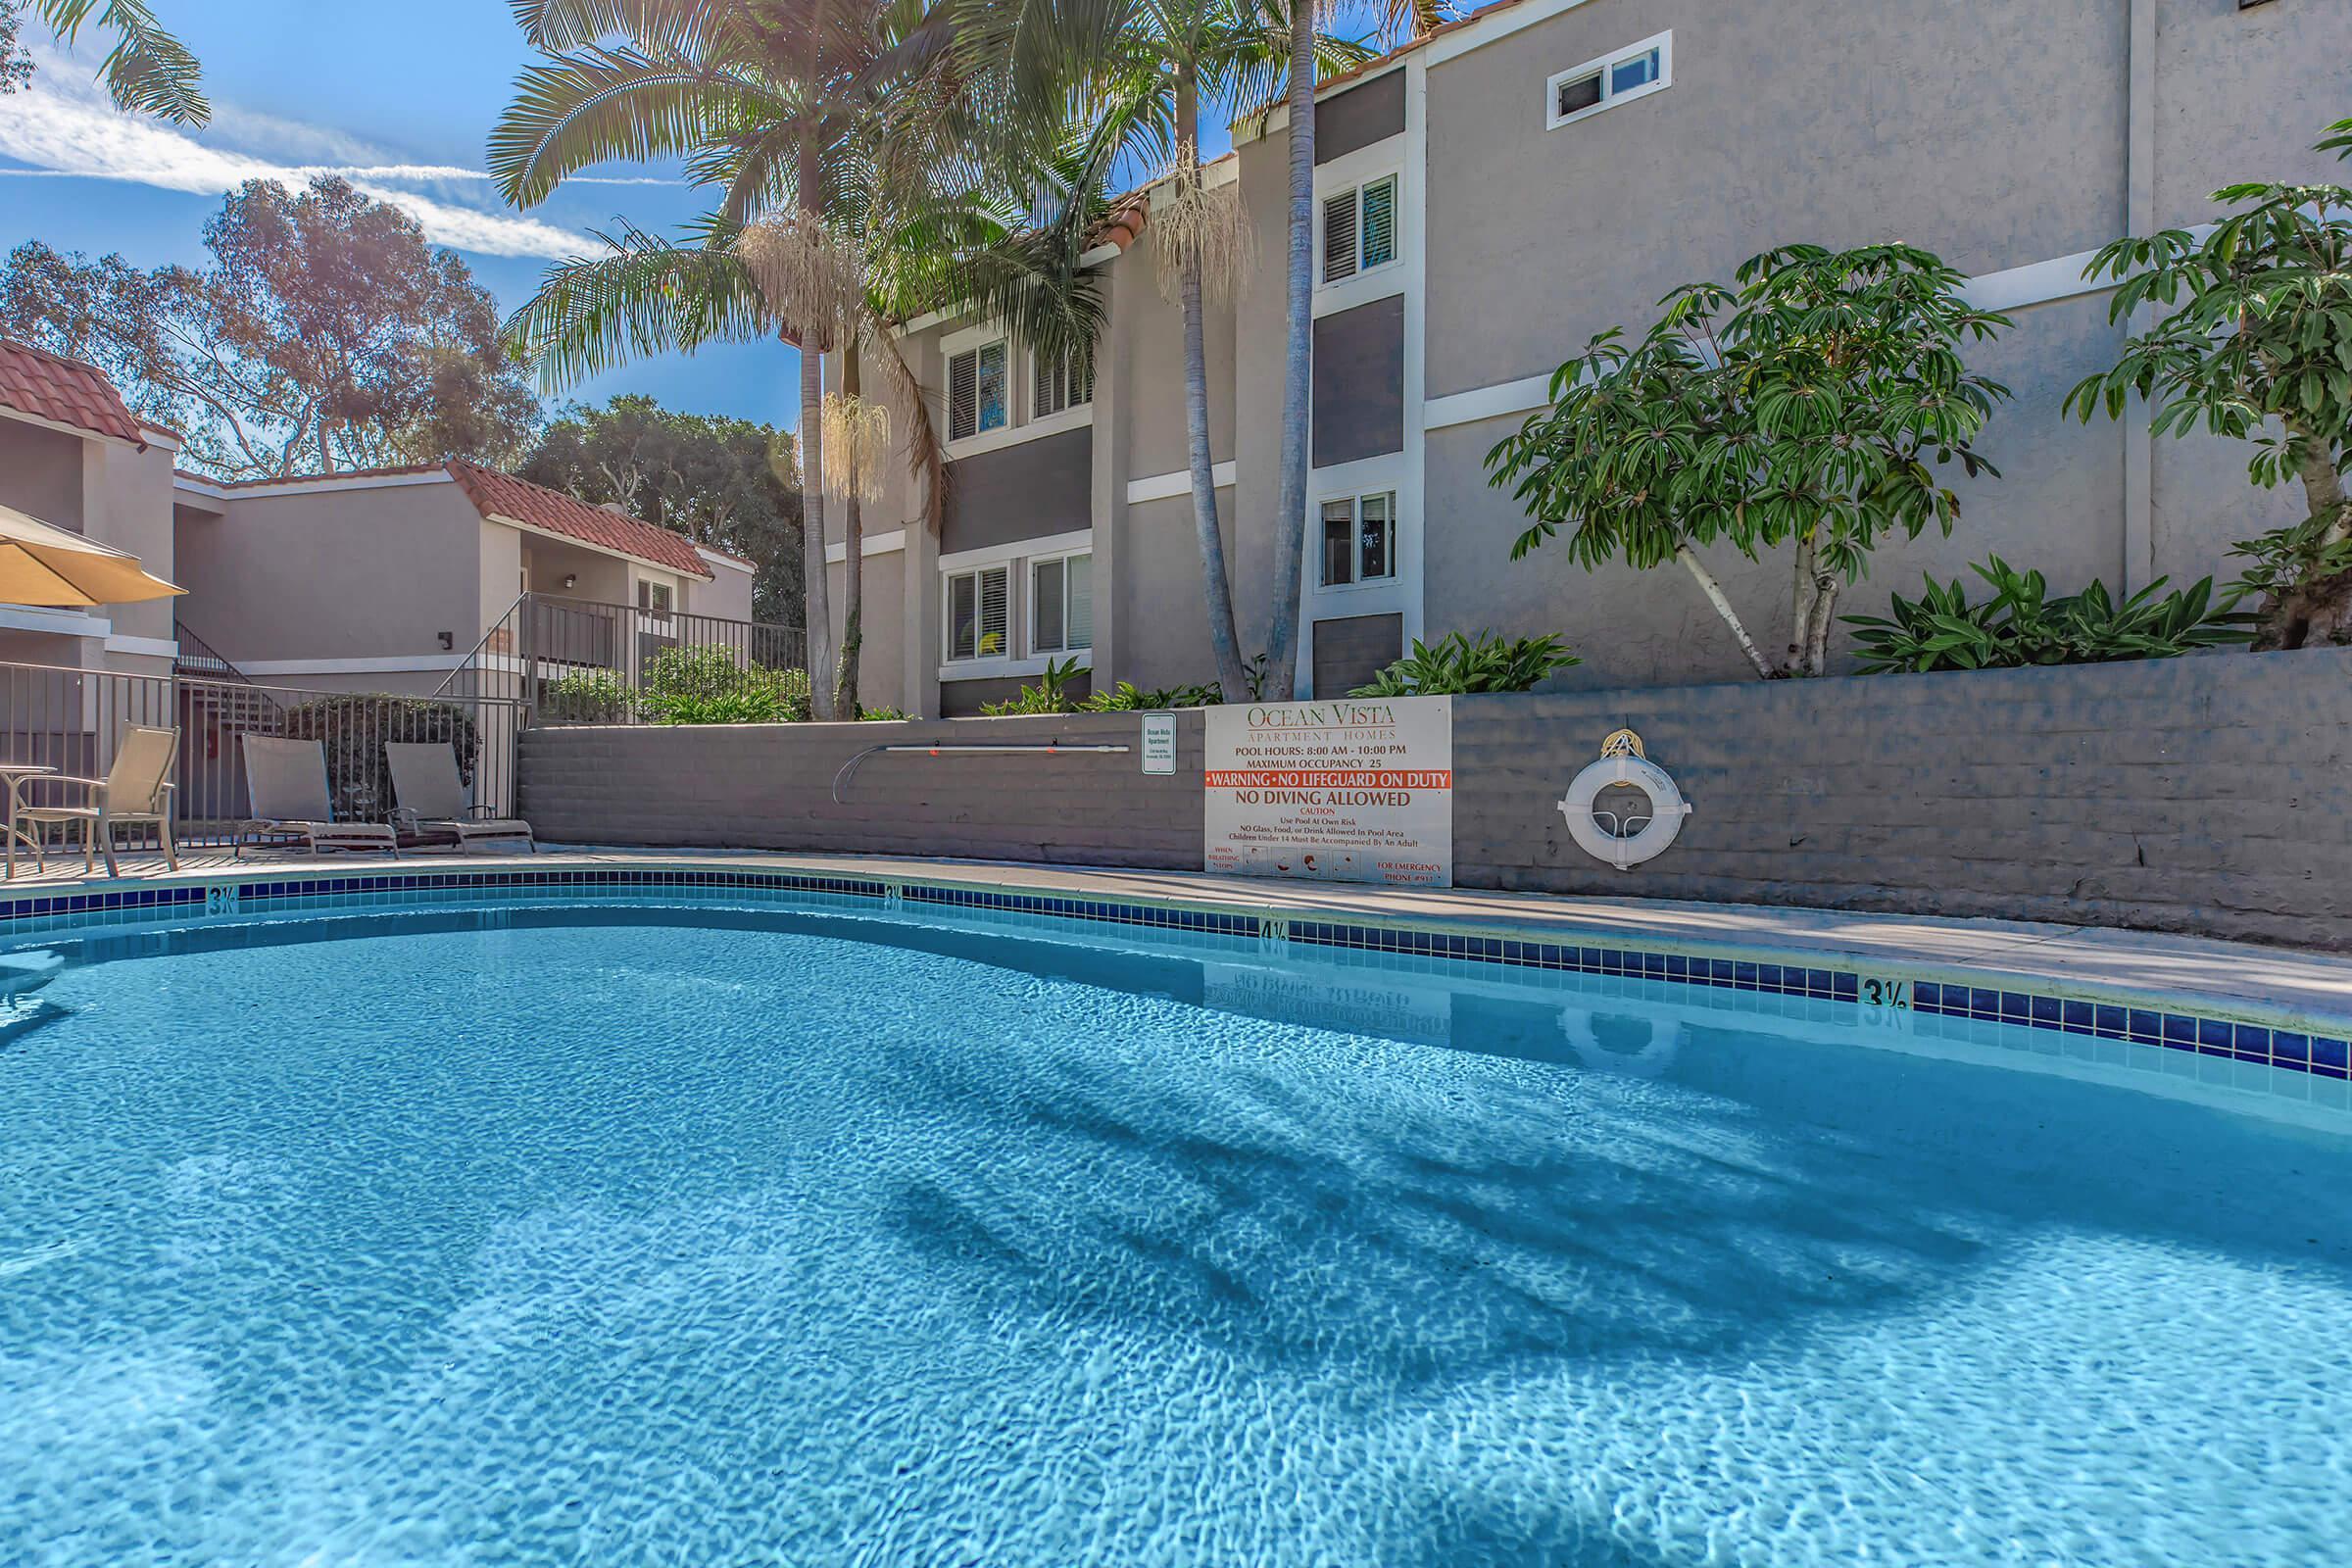 Pool at Ocean Vista Apartments in Oceanside, CA